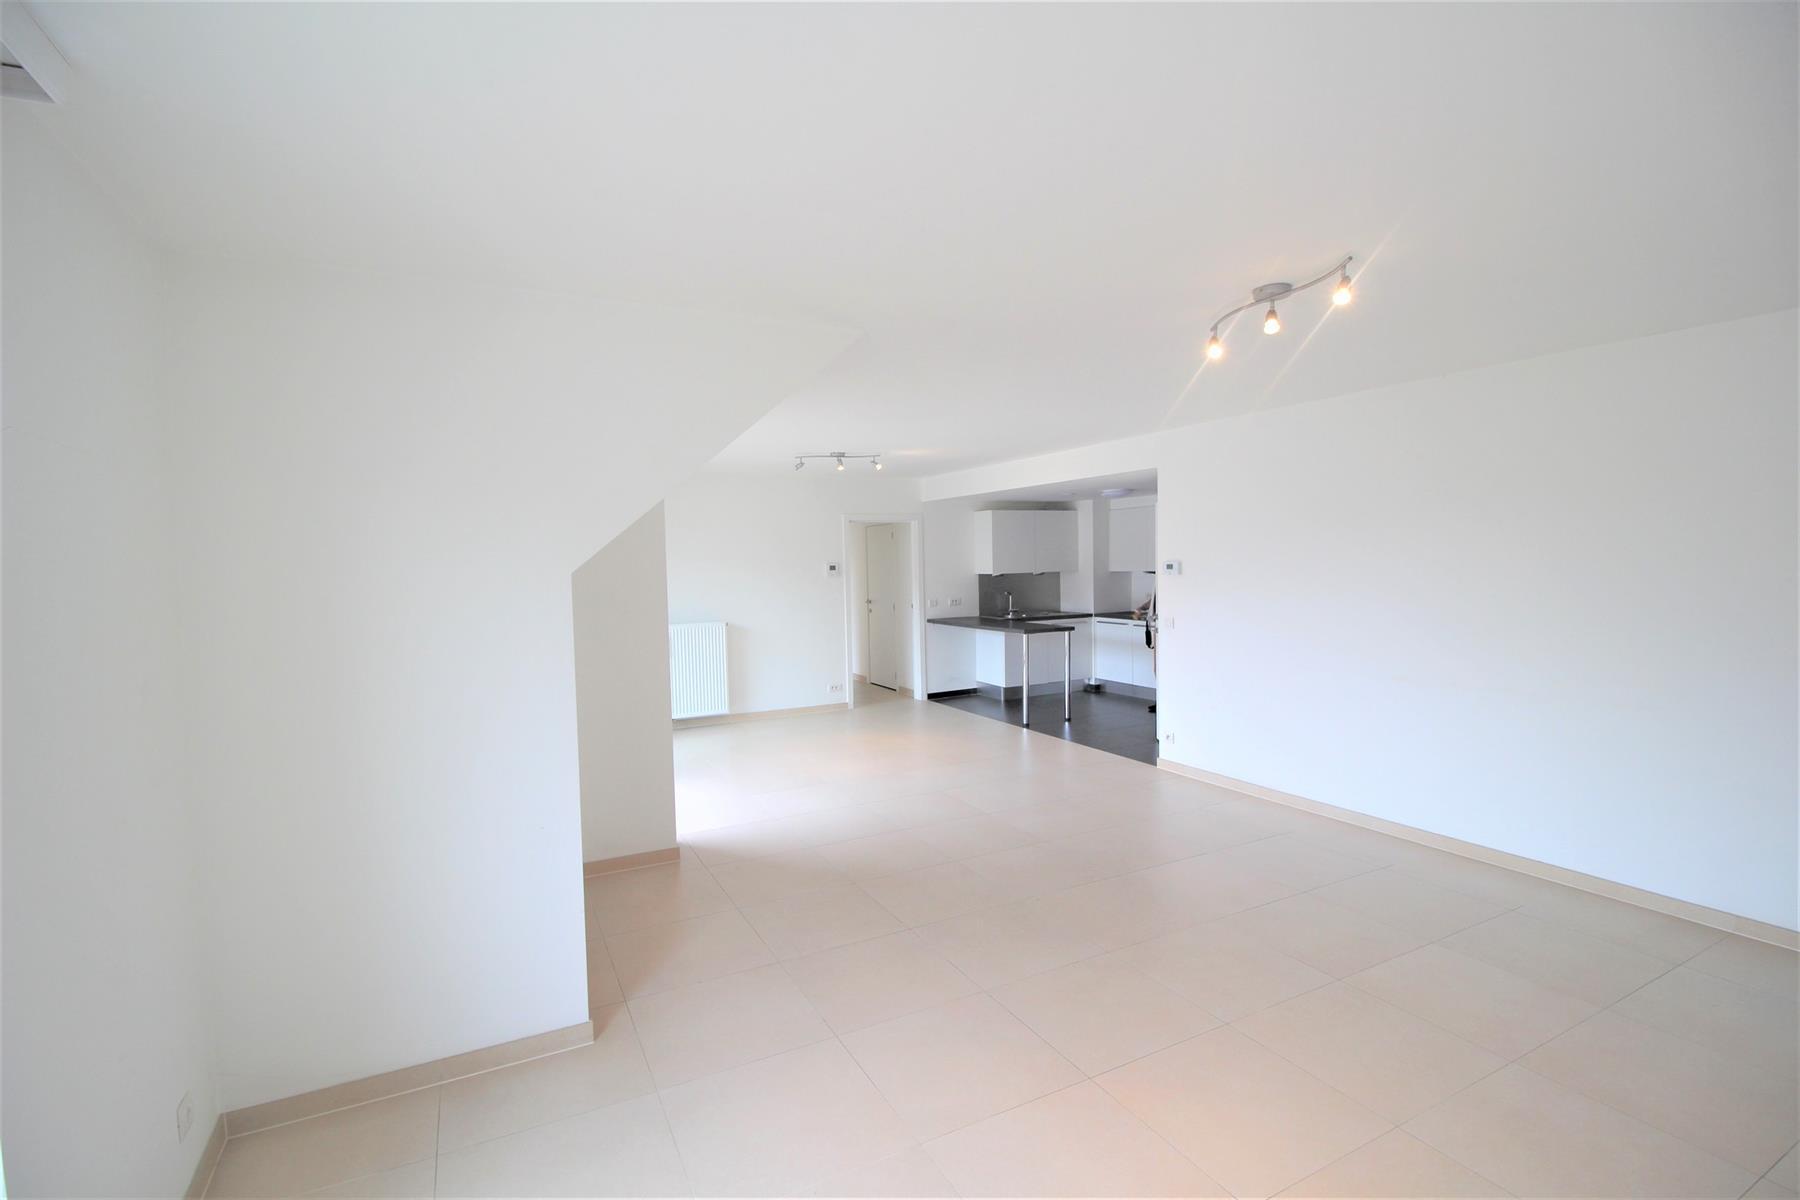 Appartement - Grez-Doiceau - #4163133-2